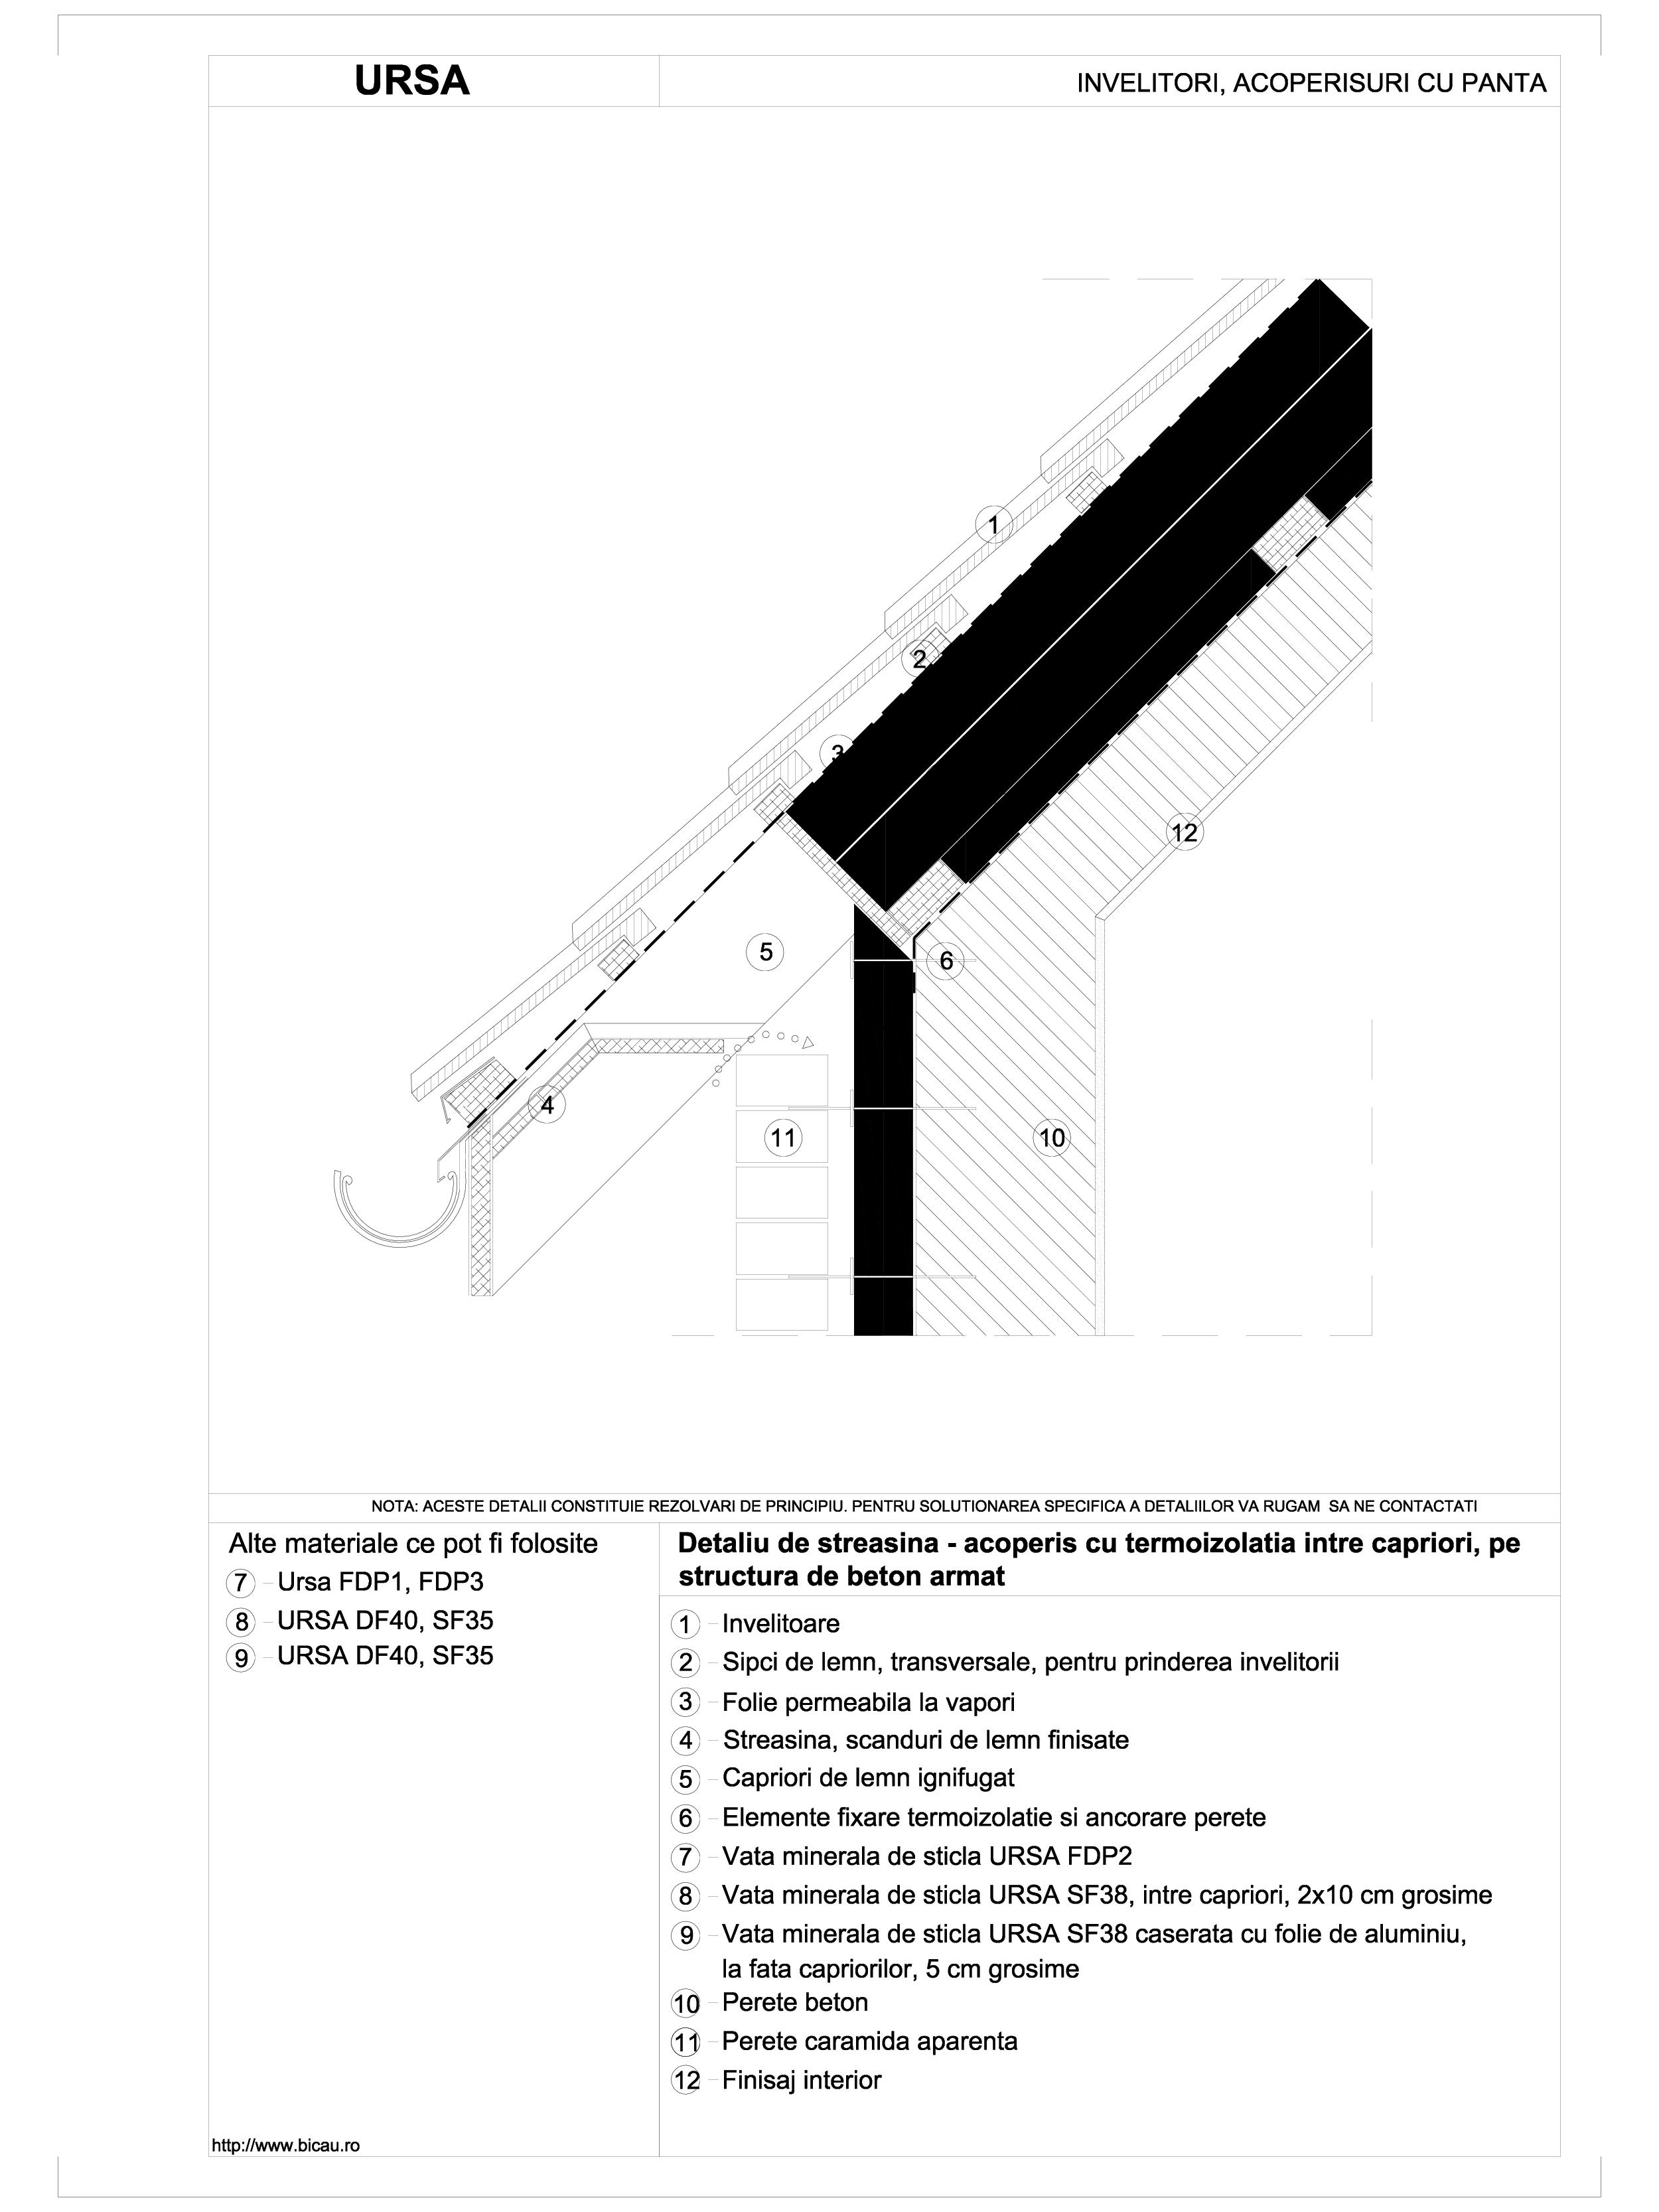 Pagina 1 - Detaliu de streasina - acoperis cu termoizolatia intre capriori, pe structura de beton...